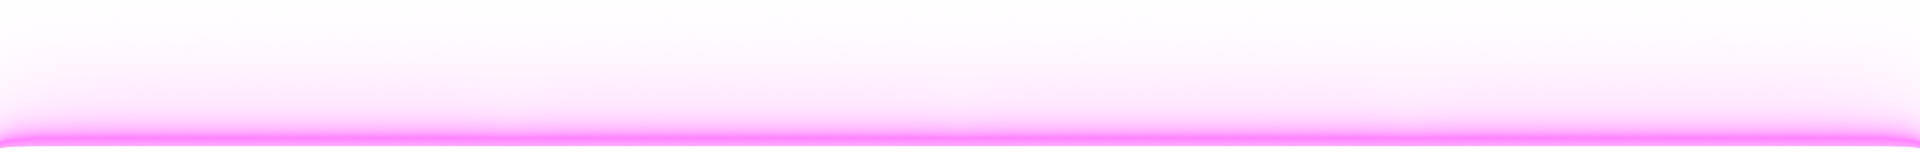 Bottom Neon Divider 1920x FULL